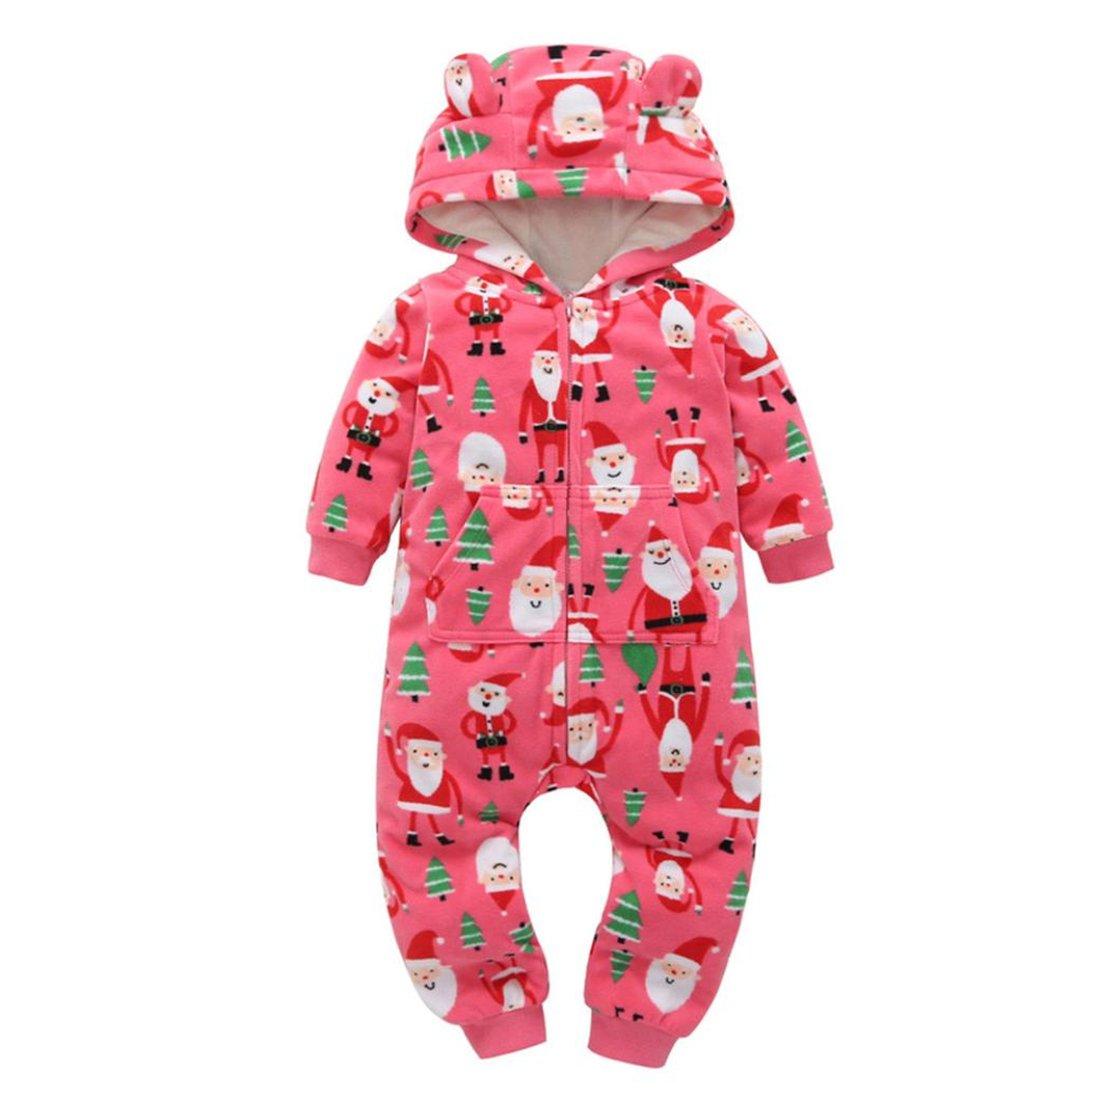 Switchali Noël Manches longues filles bébé pyjama Vêtements pour enfants Costumes 2 Piece Sleepwear Switchali-0238